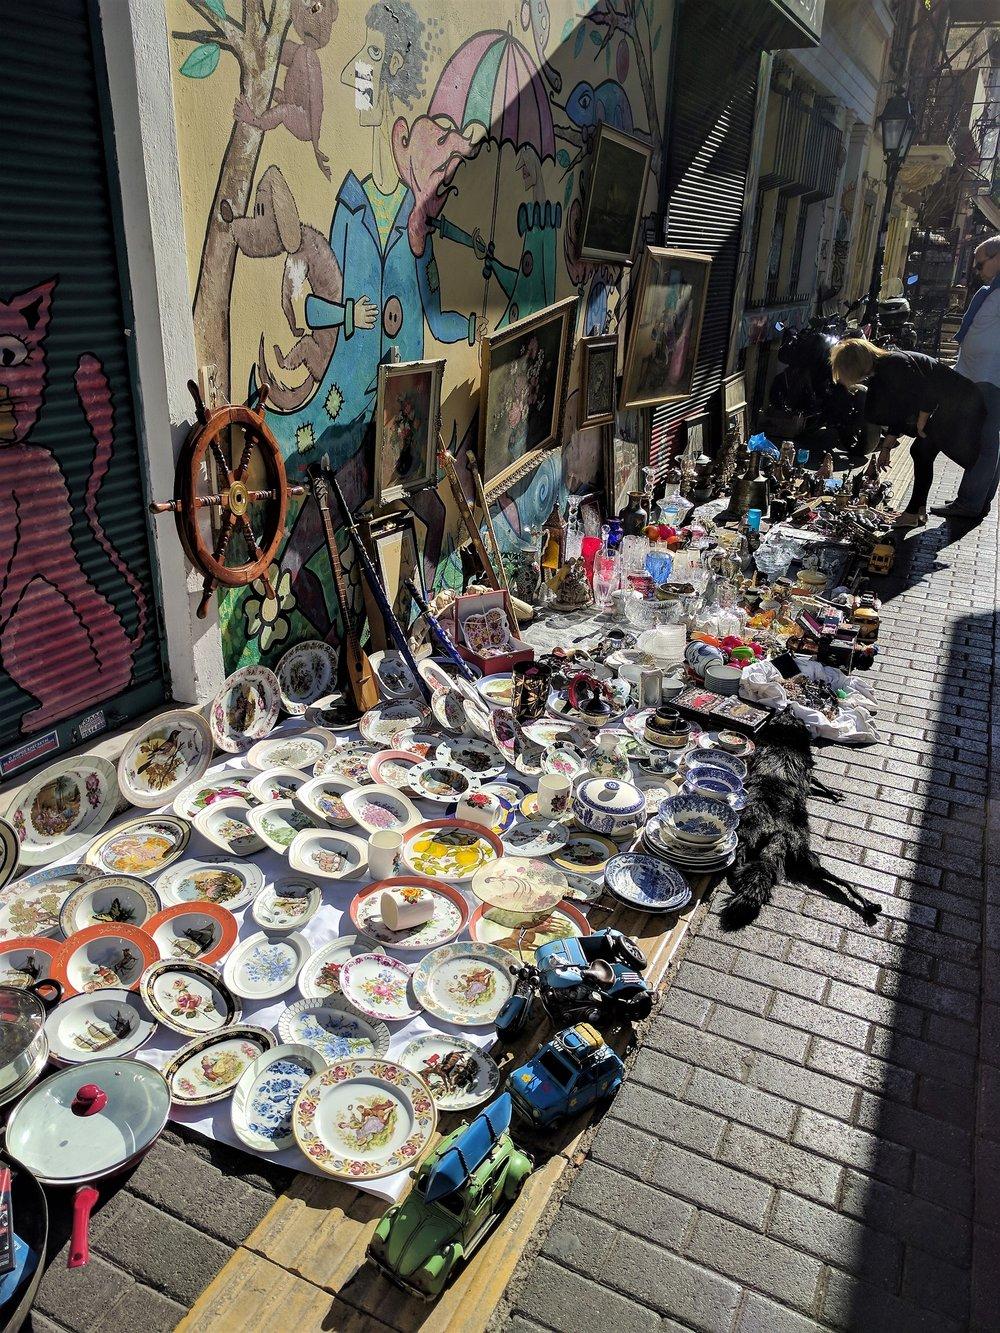 Ιδανικη βολτα στην αγορα του Μοναστηρακιου μια ηλιολουστη μερα